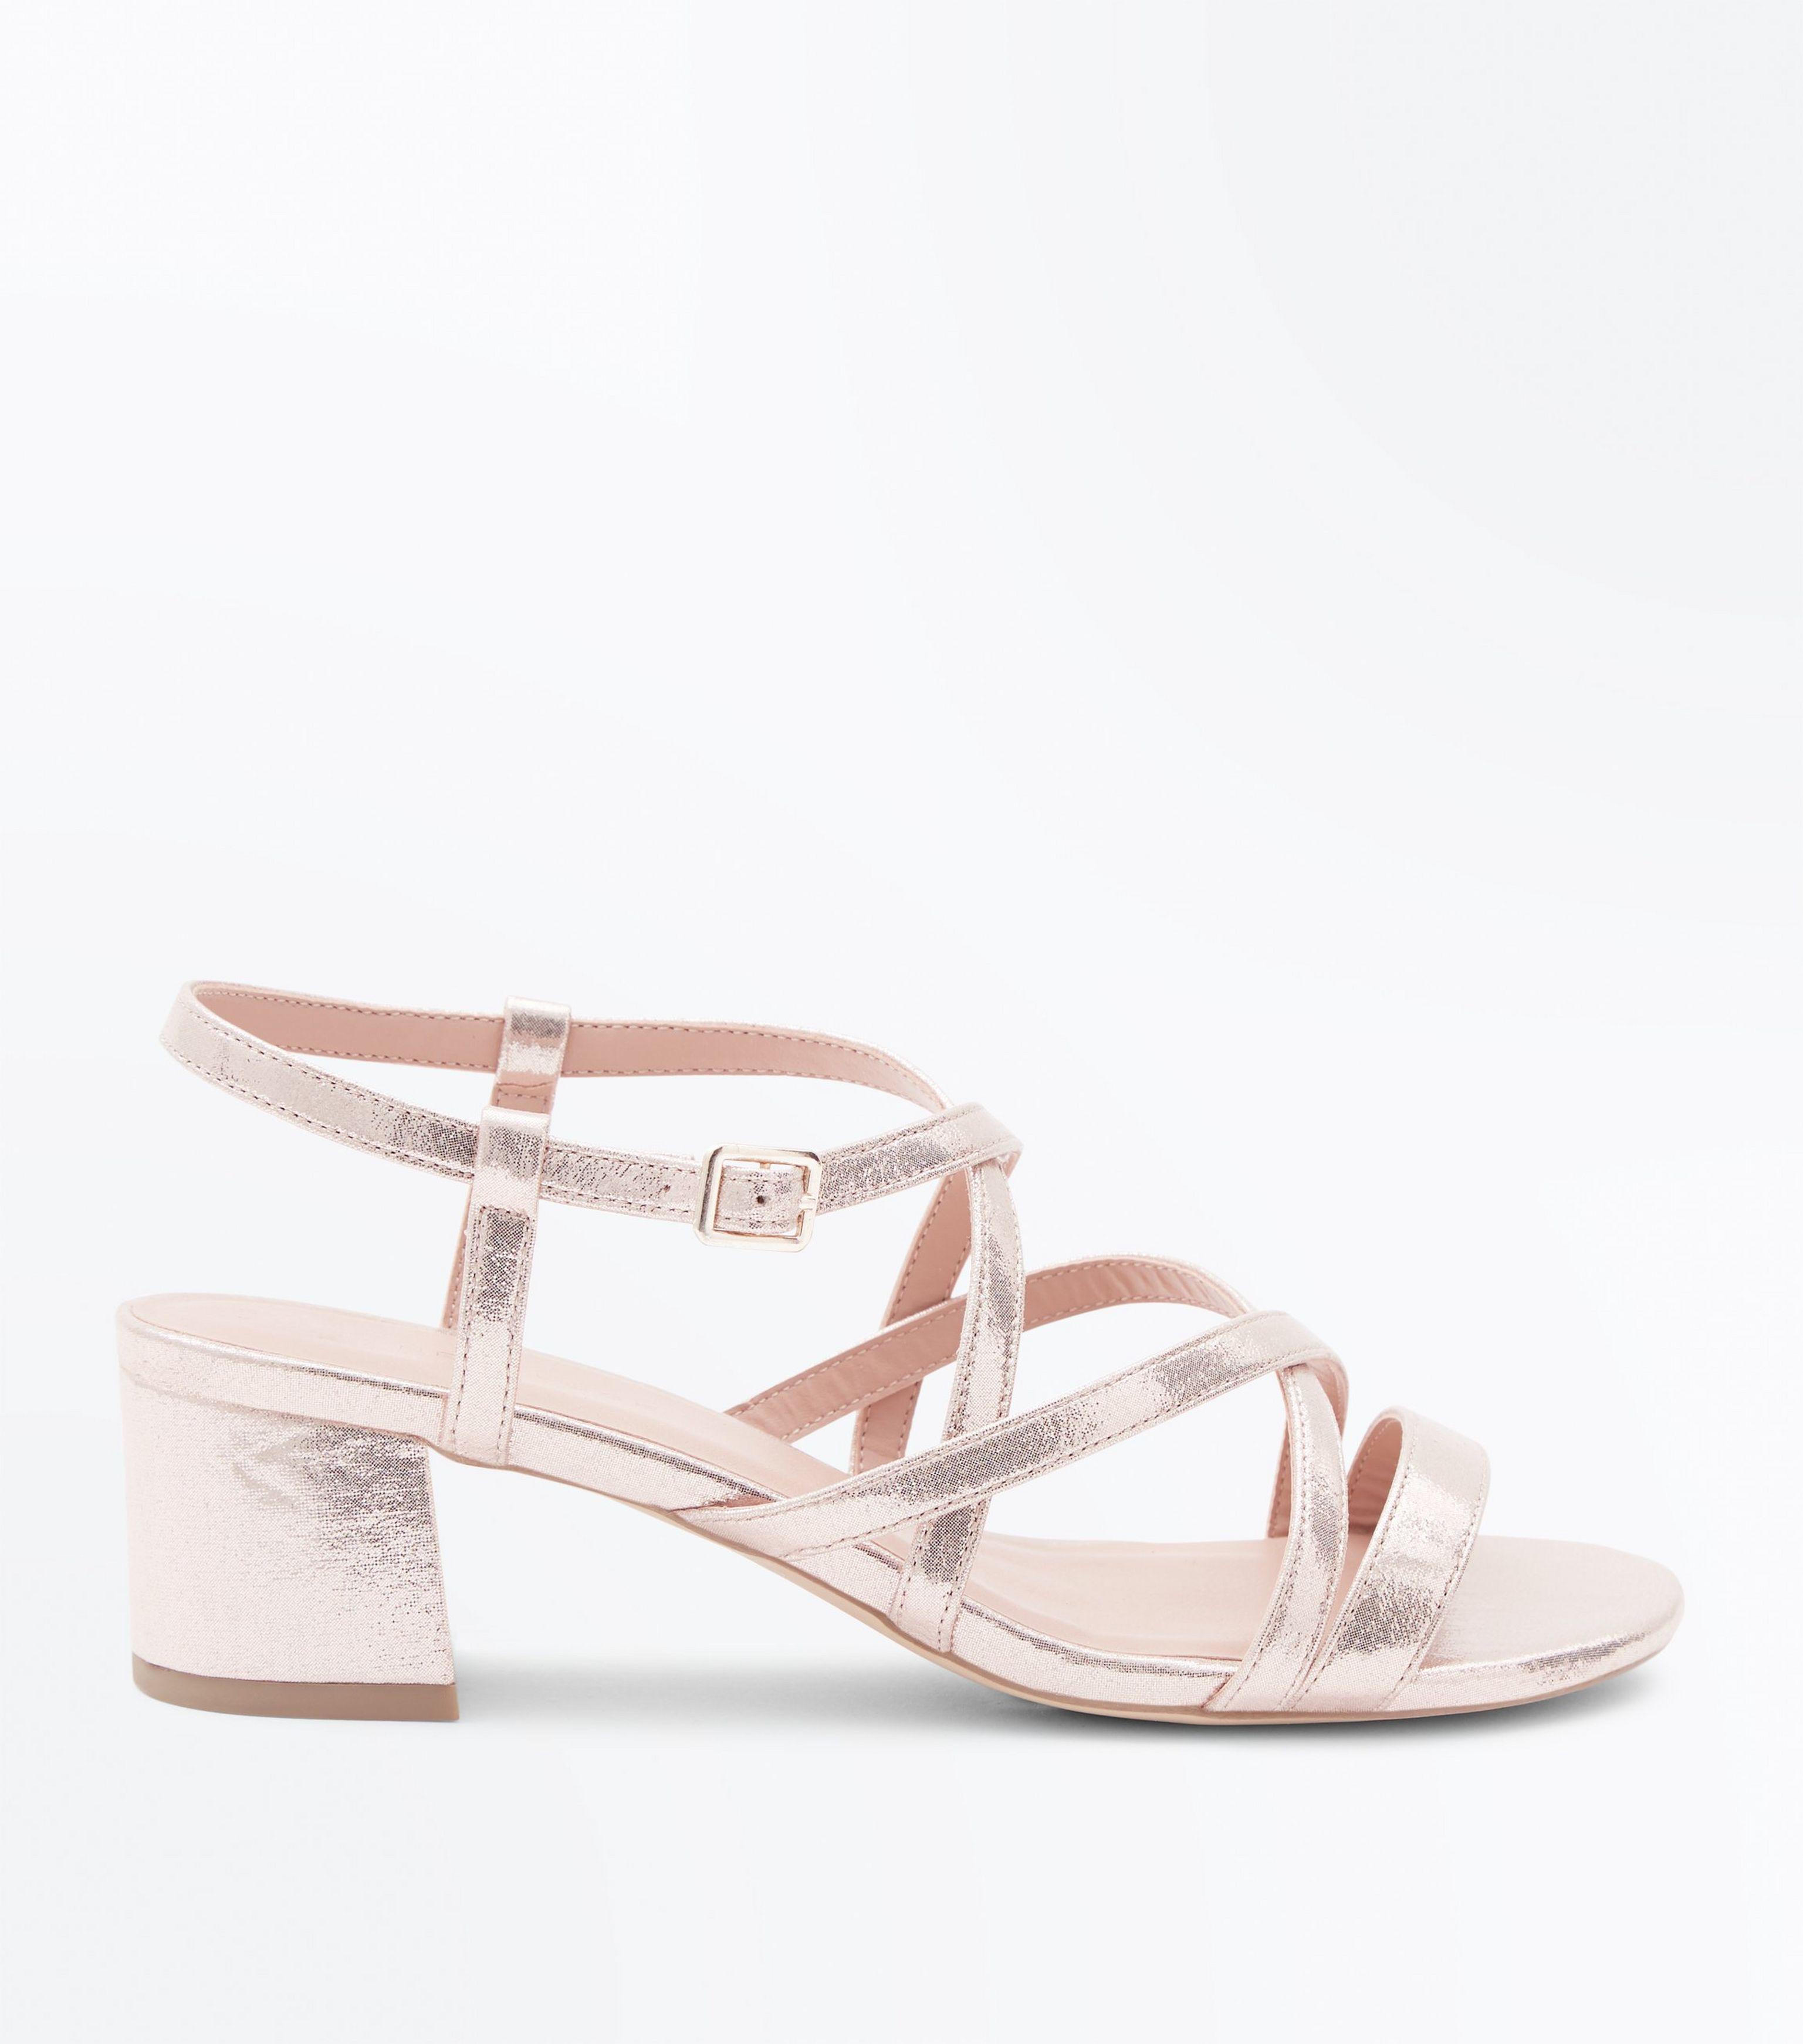 0c82c214ec8 New Look Wide Fit Gold Strappy Low Block Heel Sandals in Metallic - Lyst